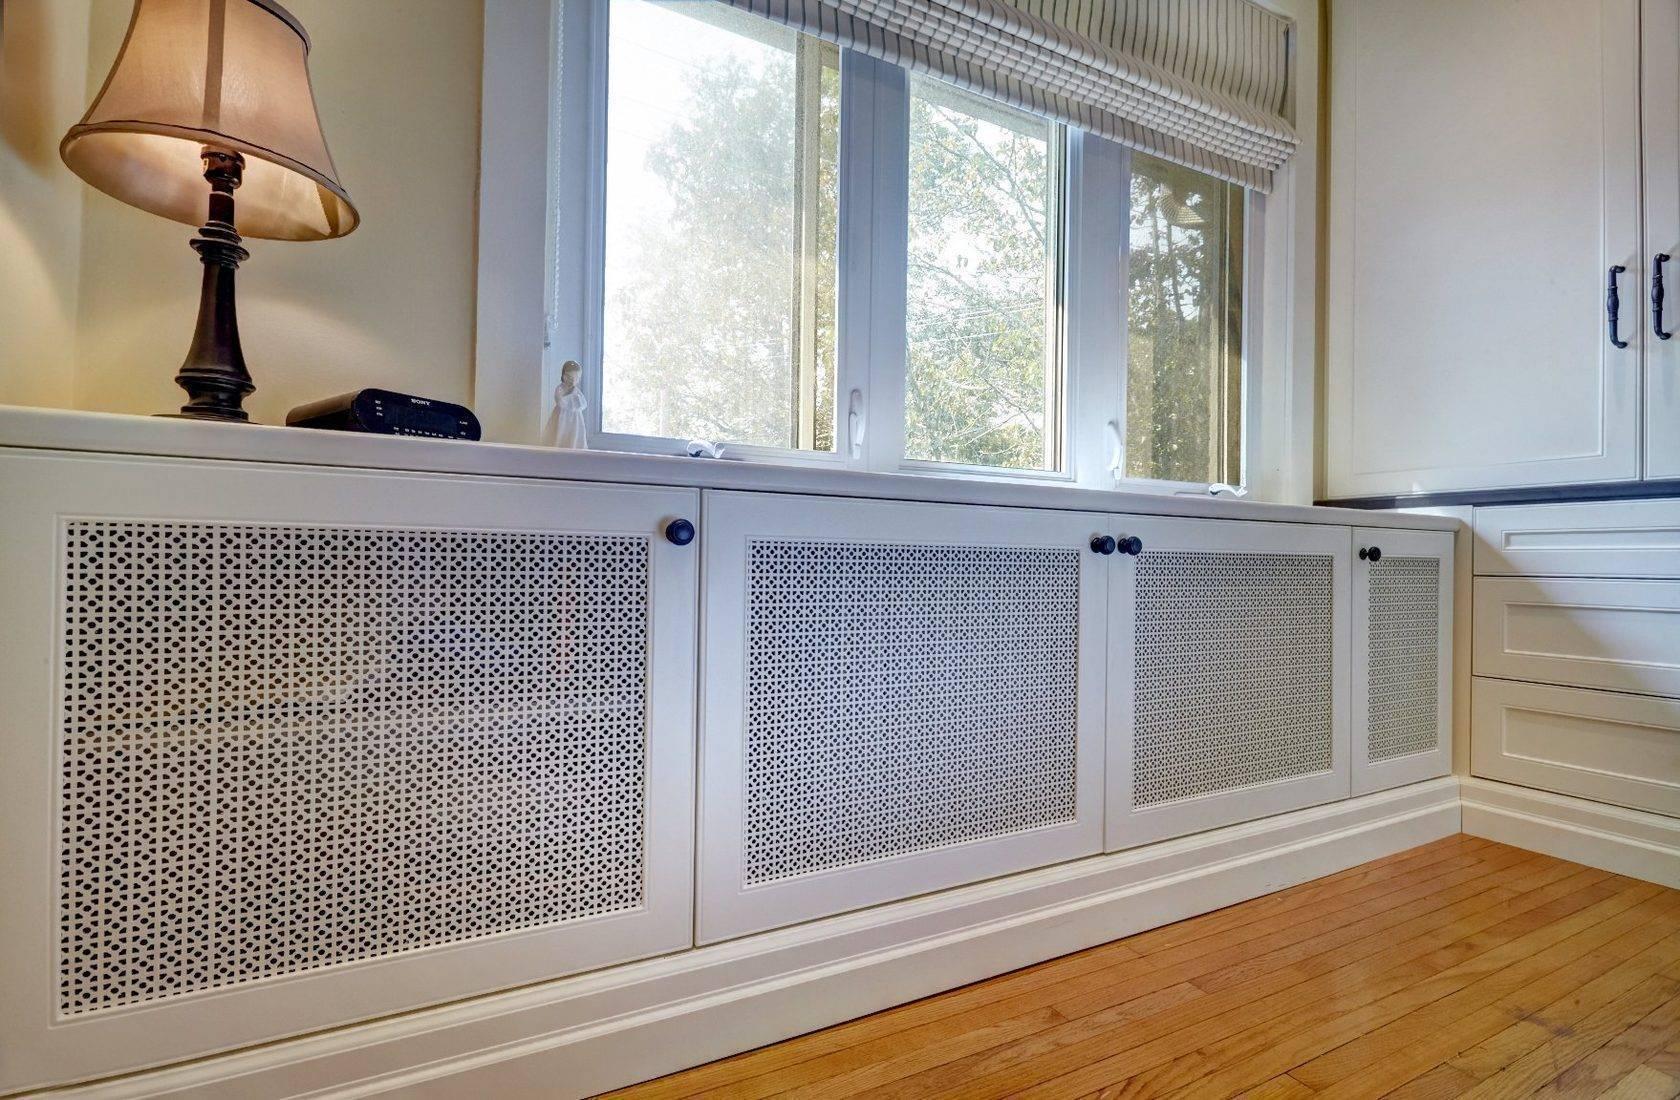 Экран на батарею отопления: металлические решетки для радиаторов, как установить защитную конструкцию из металла